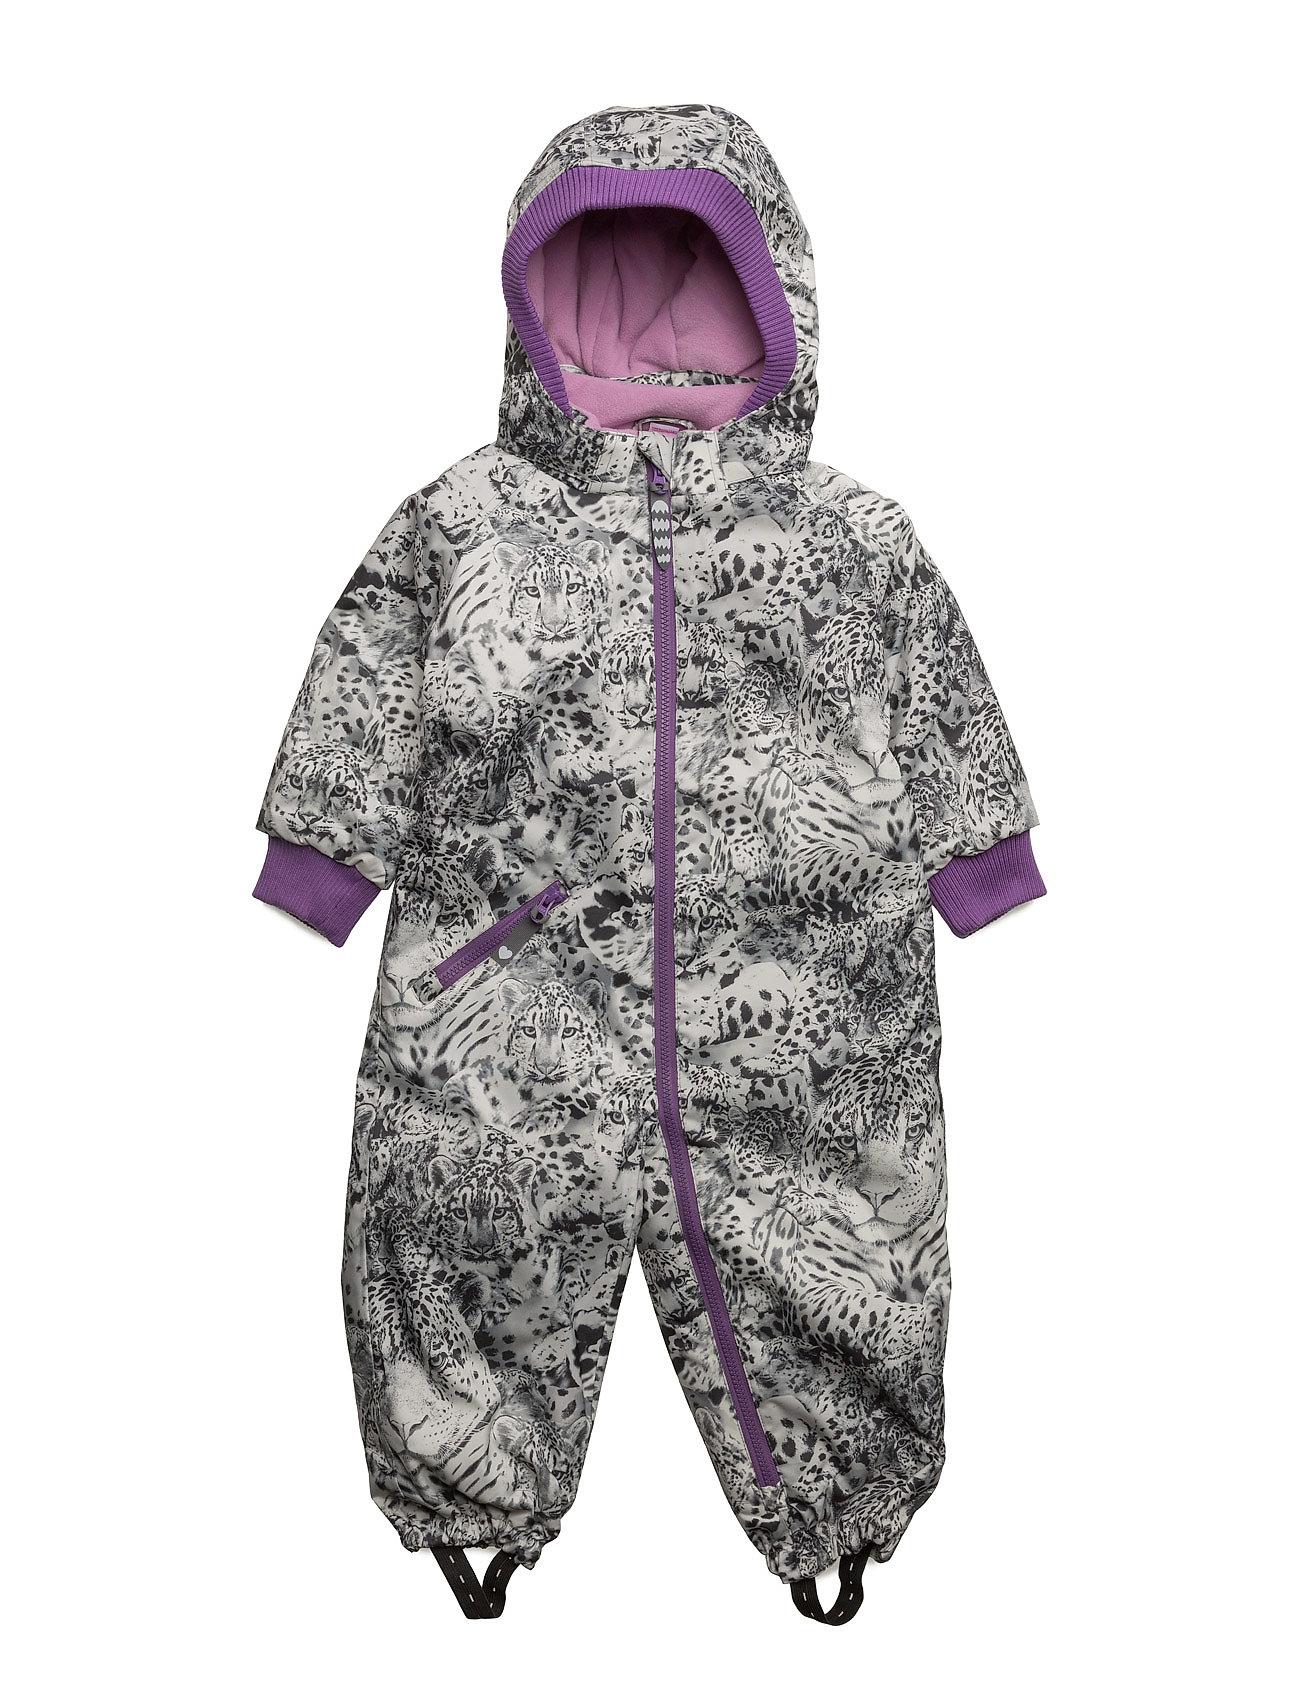 Liva Leopard Suit Racoon Outdoor Overalls til Børn i